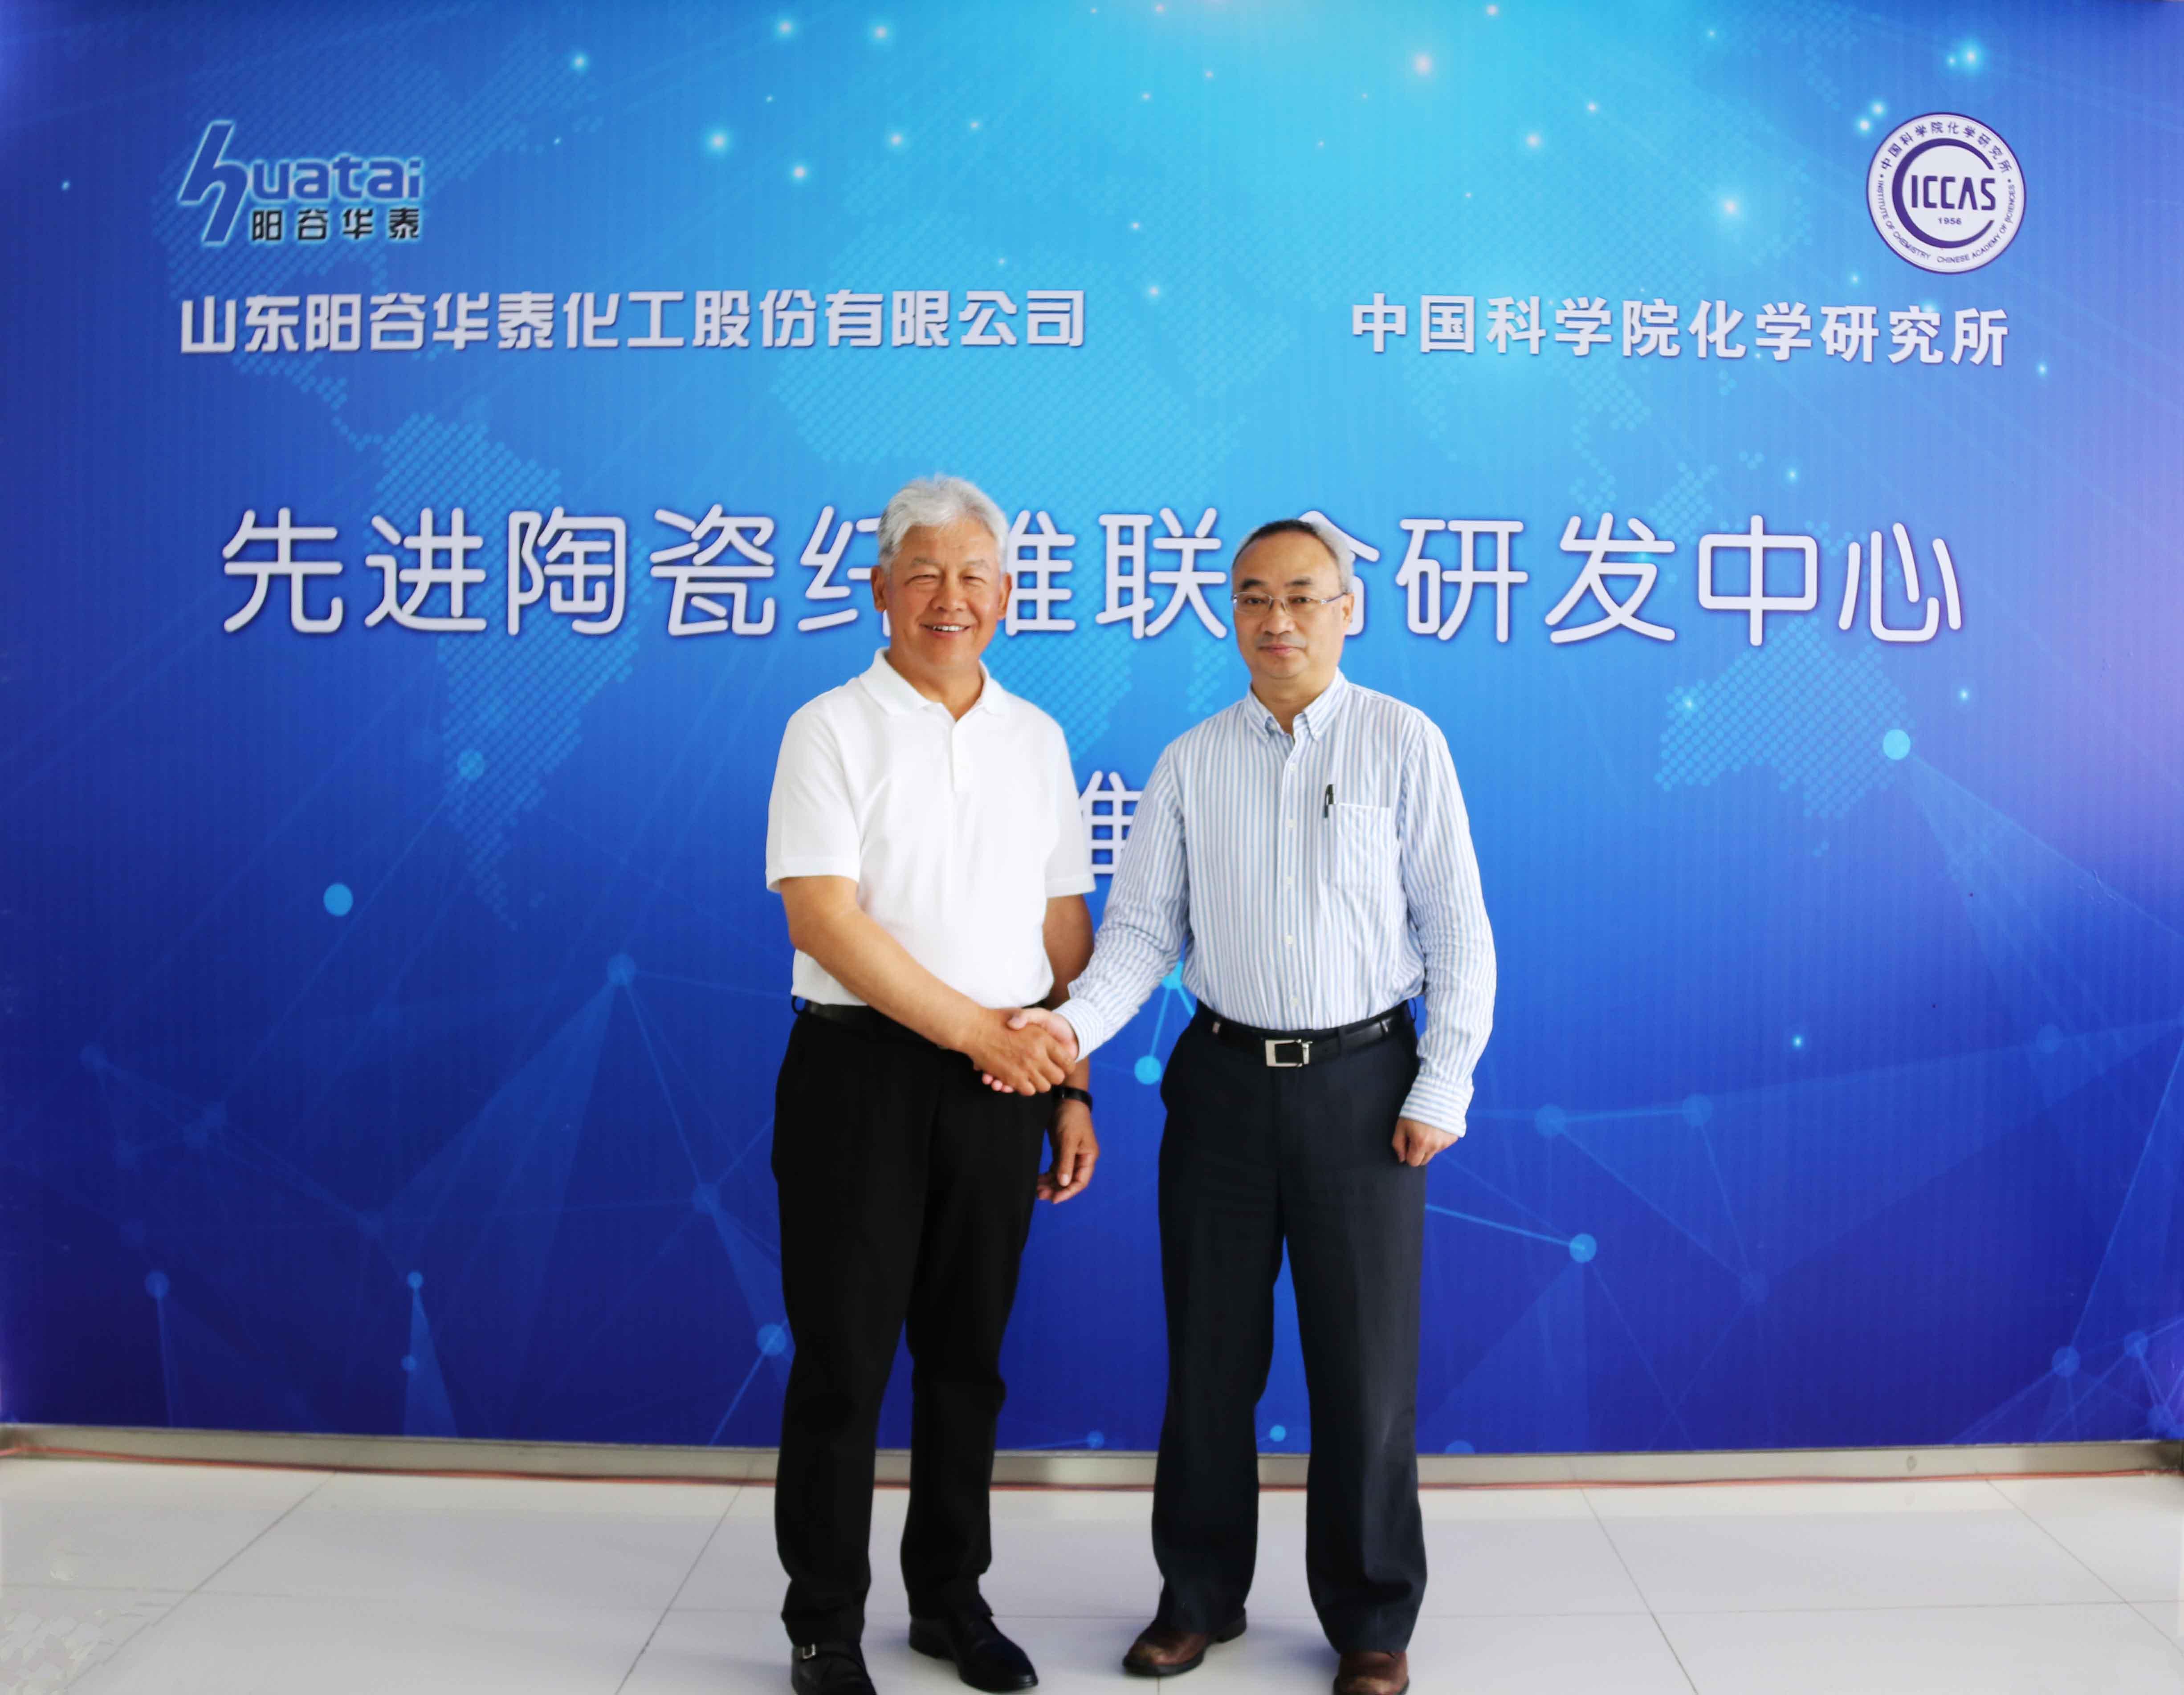 陽谷華泰立足主業 積極開拓新材料領域